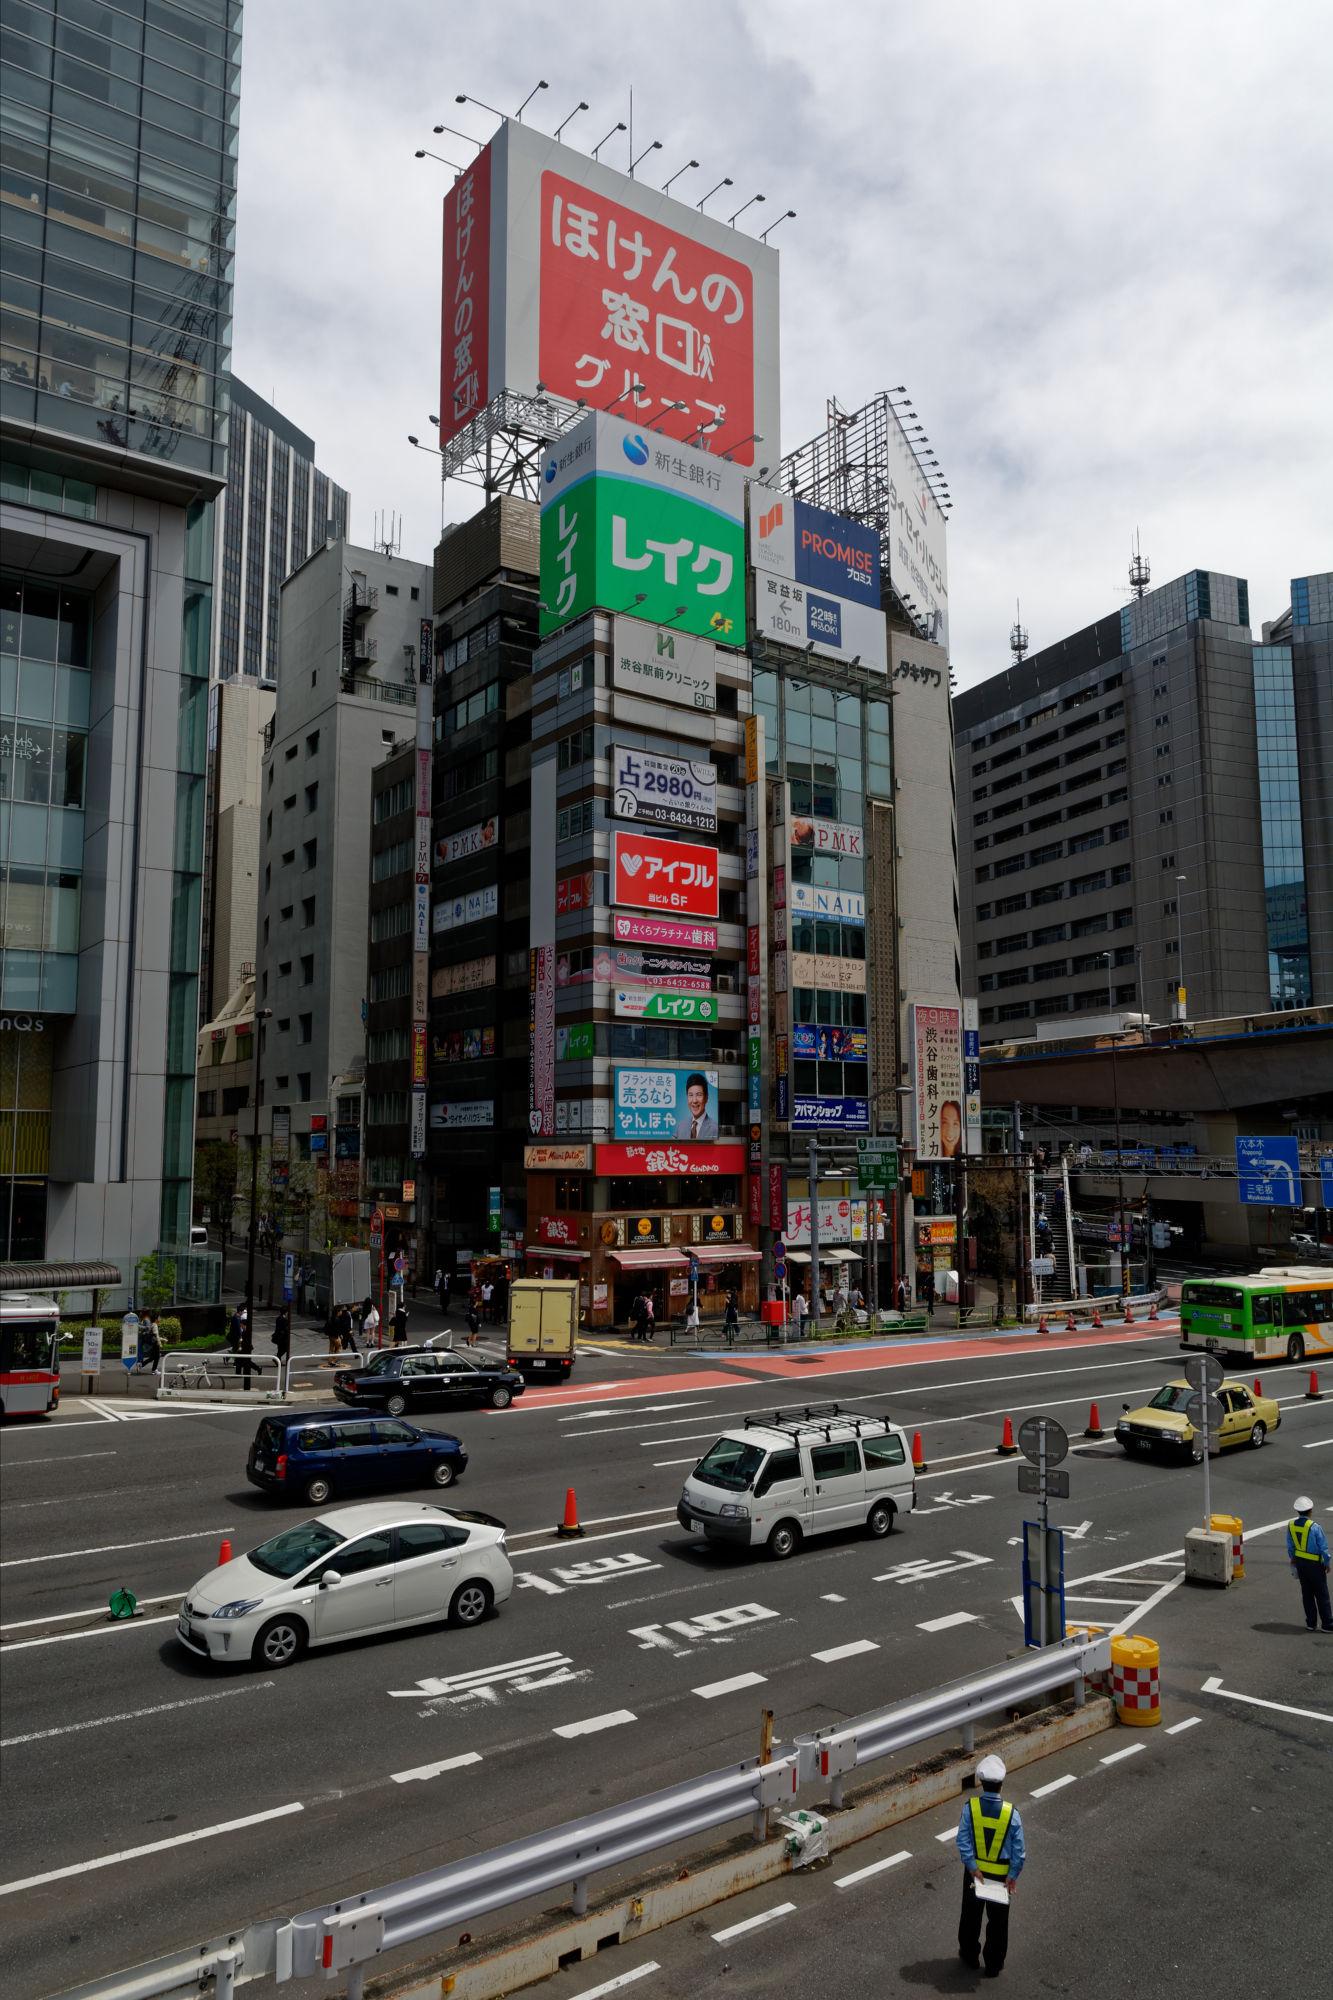 2017-04-18 11-52-09 Tokio